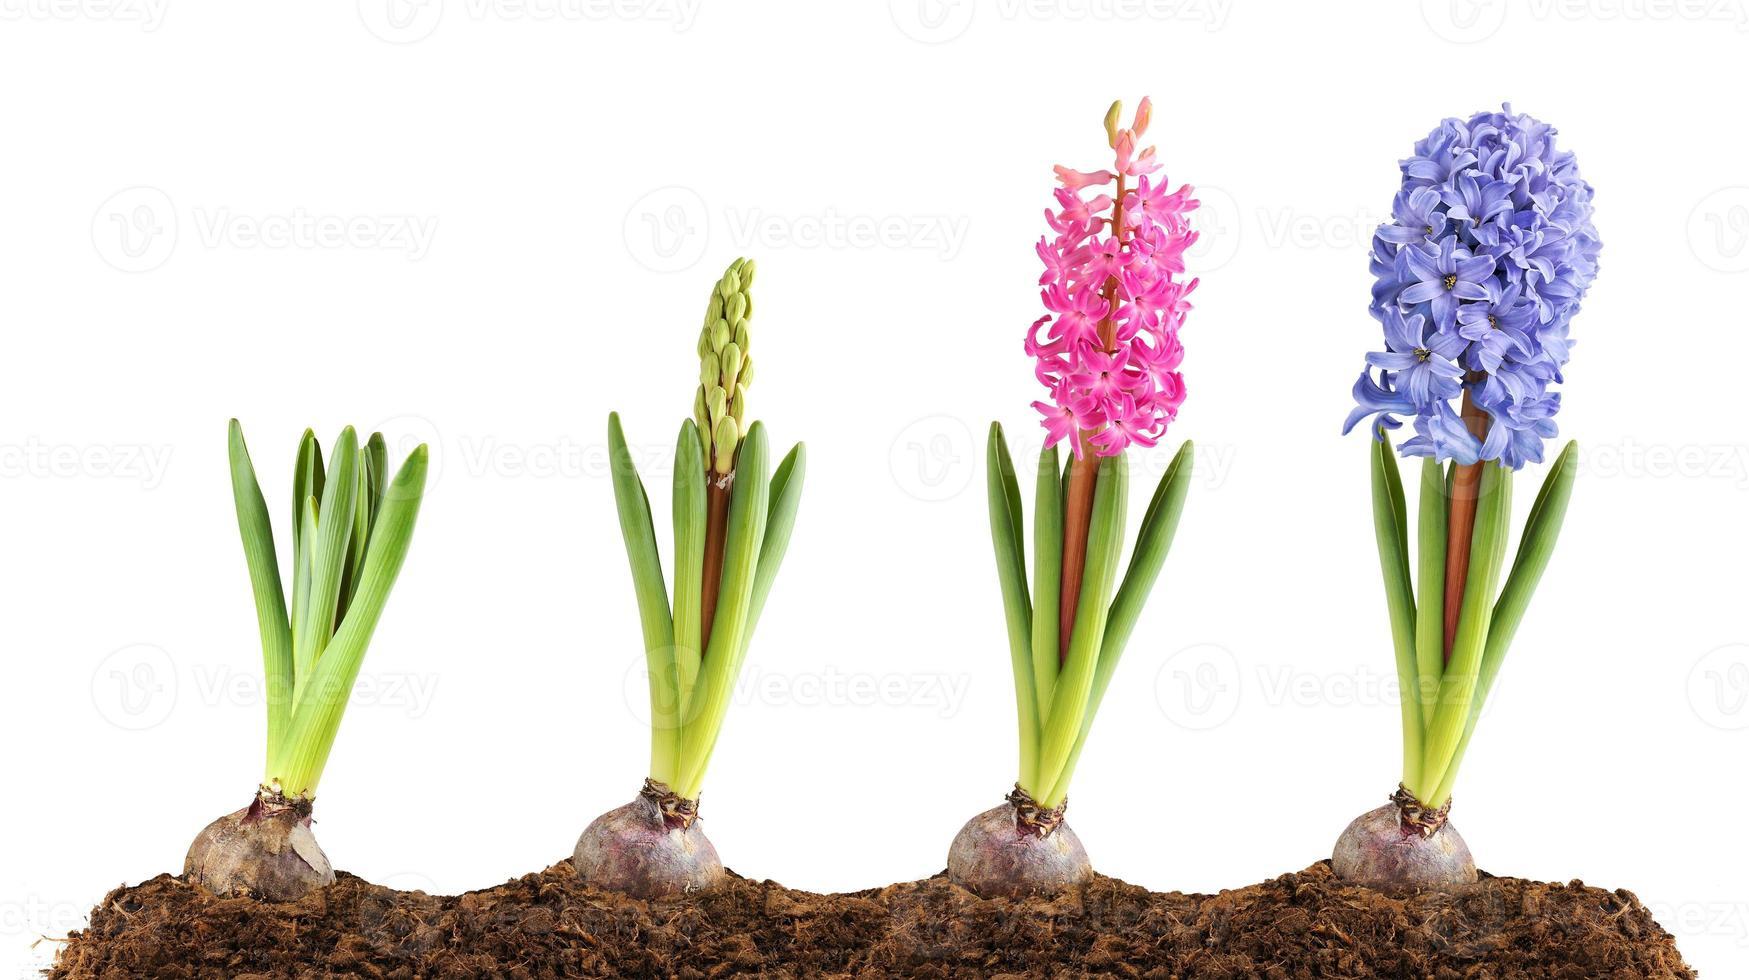 jacinto floreciendo foto